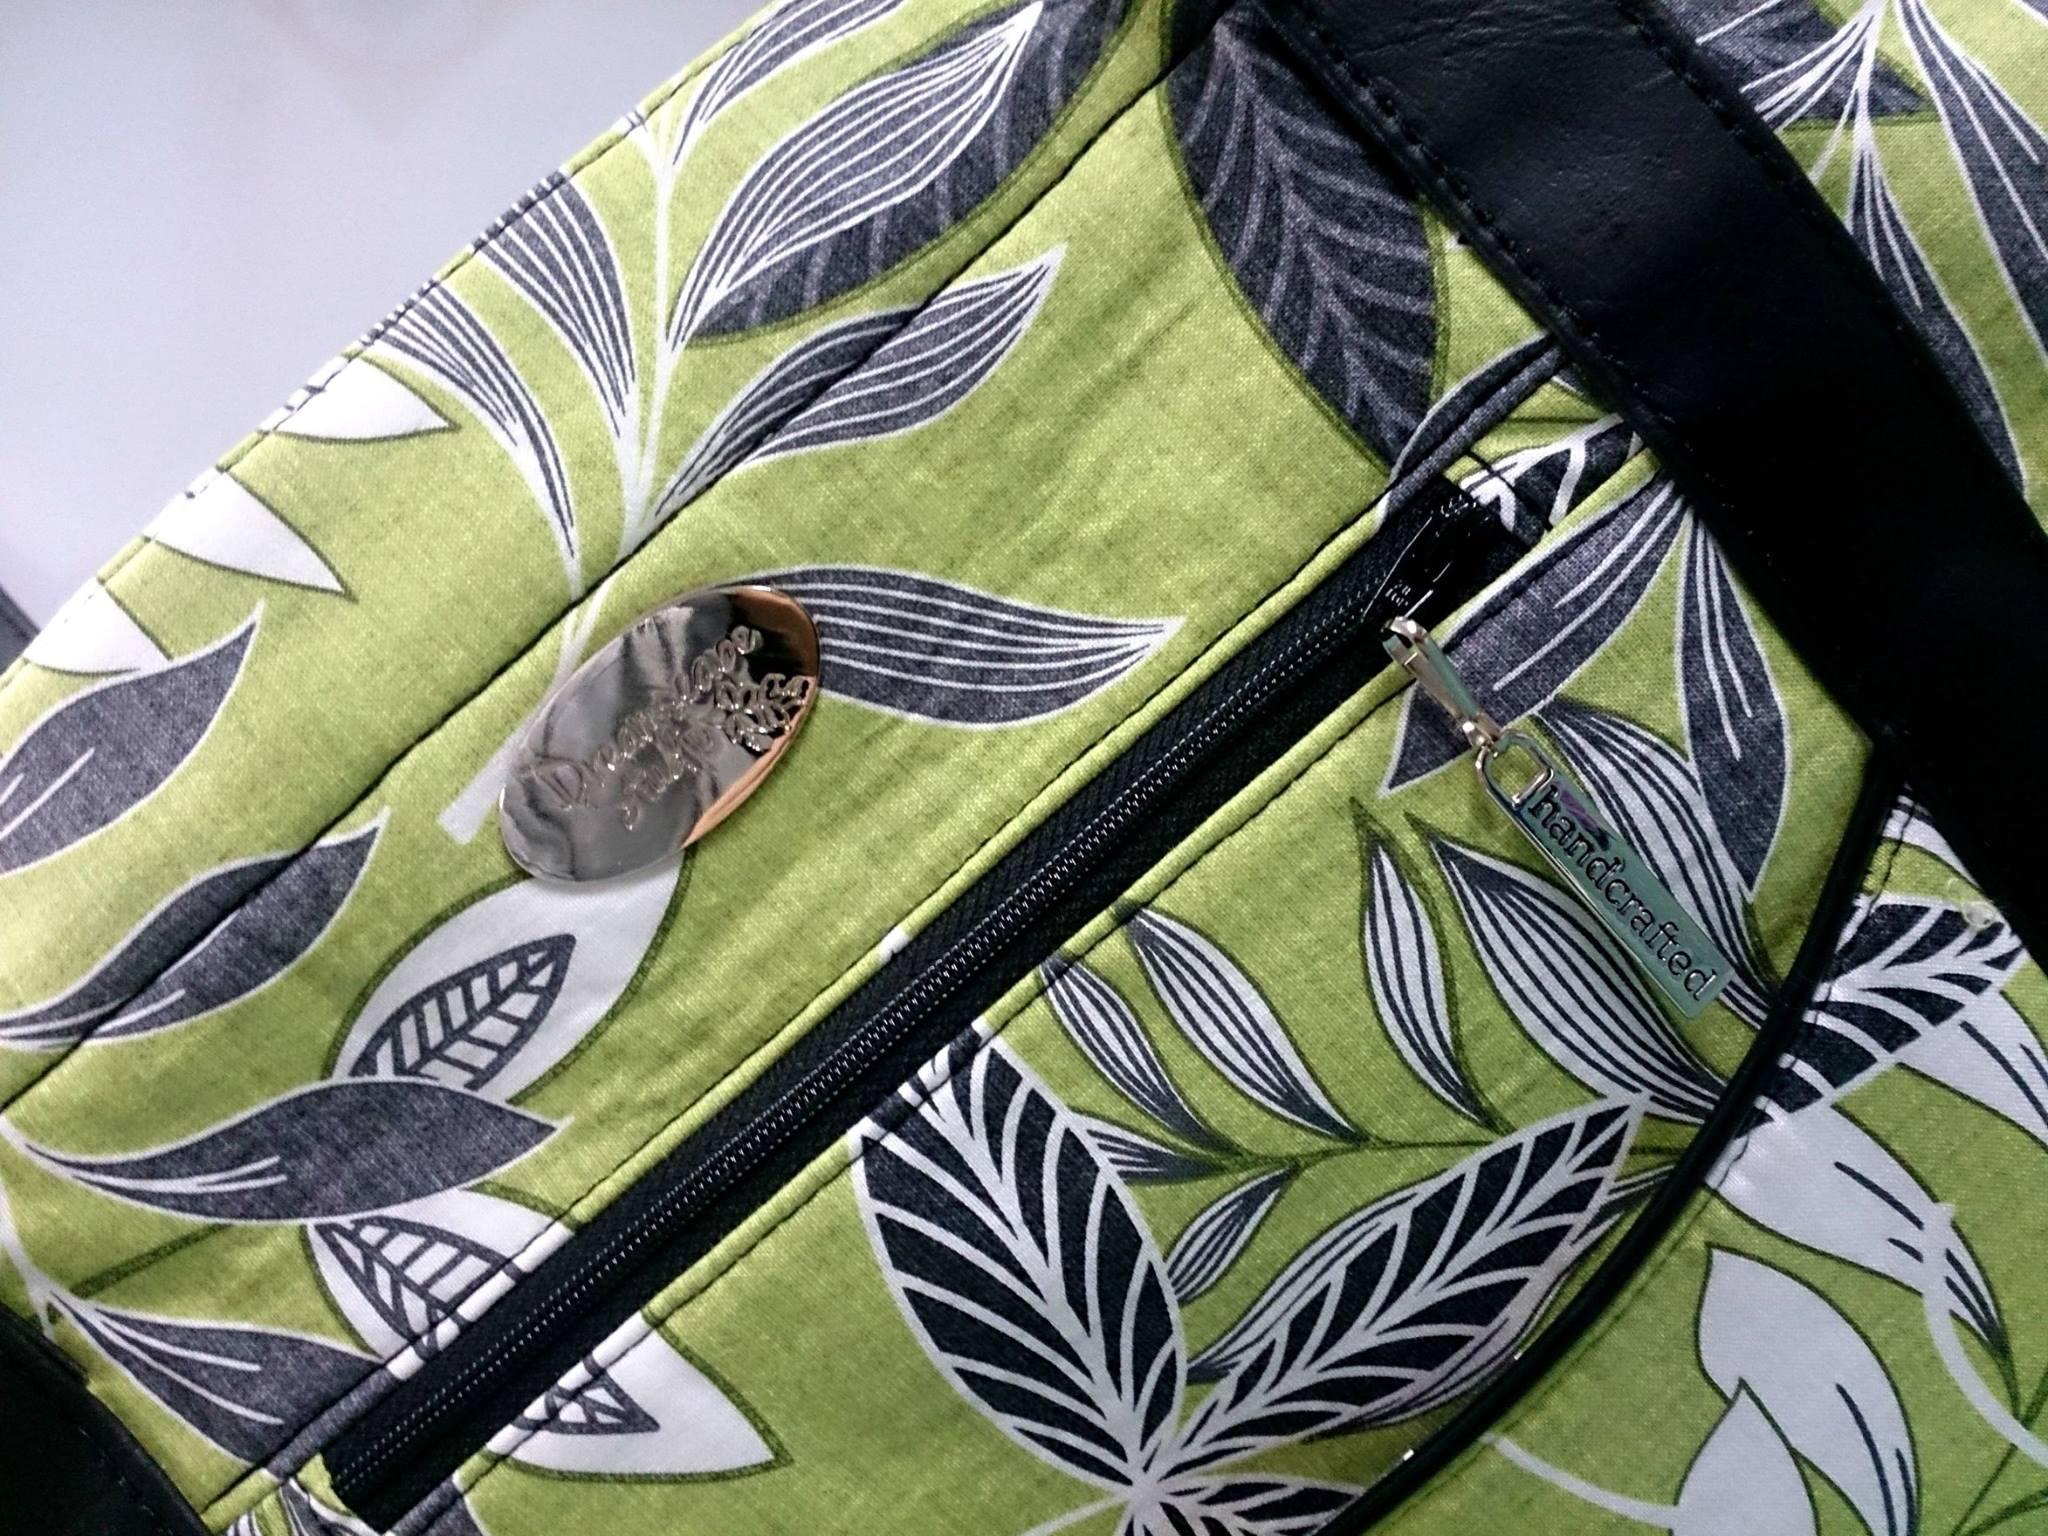 I always love bag bling!